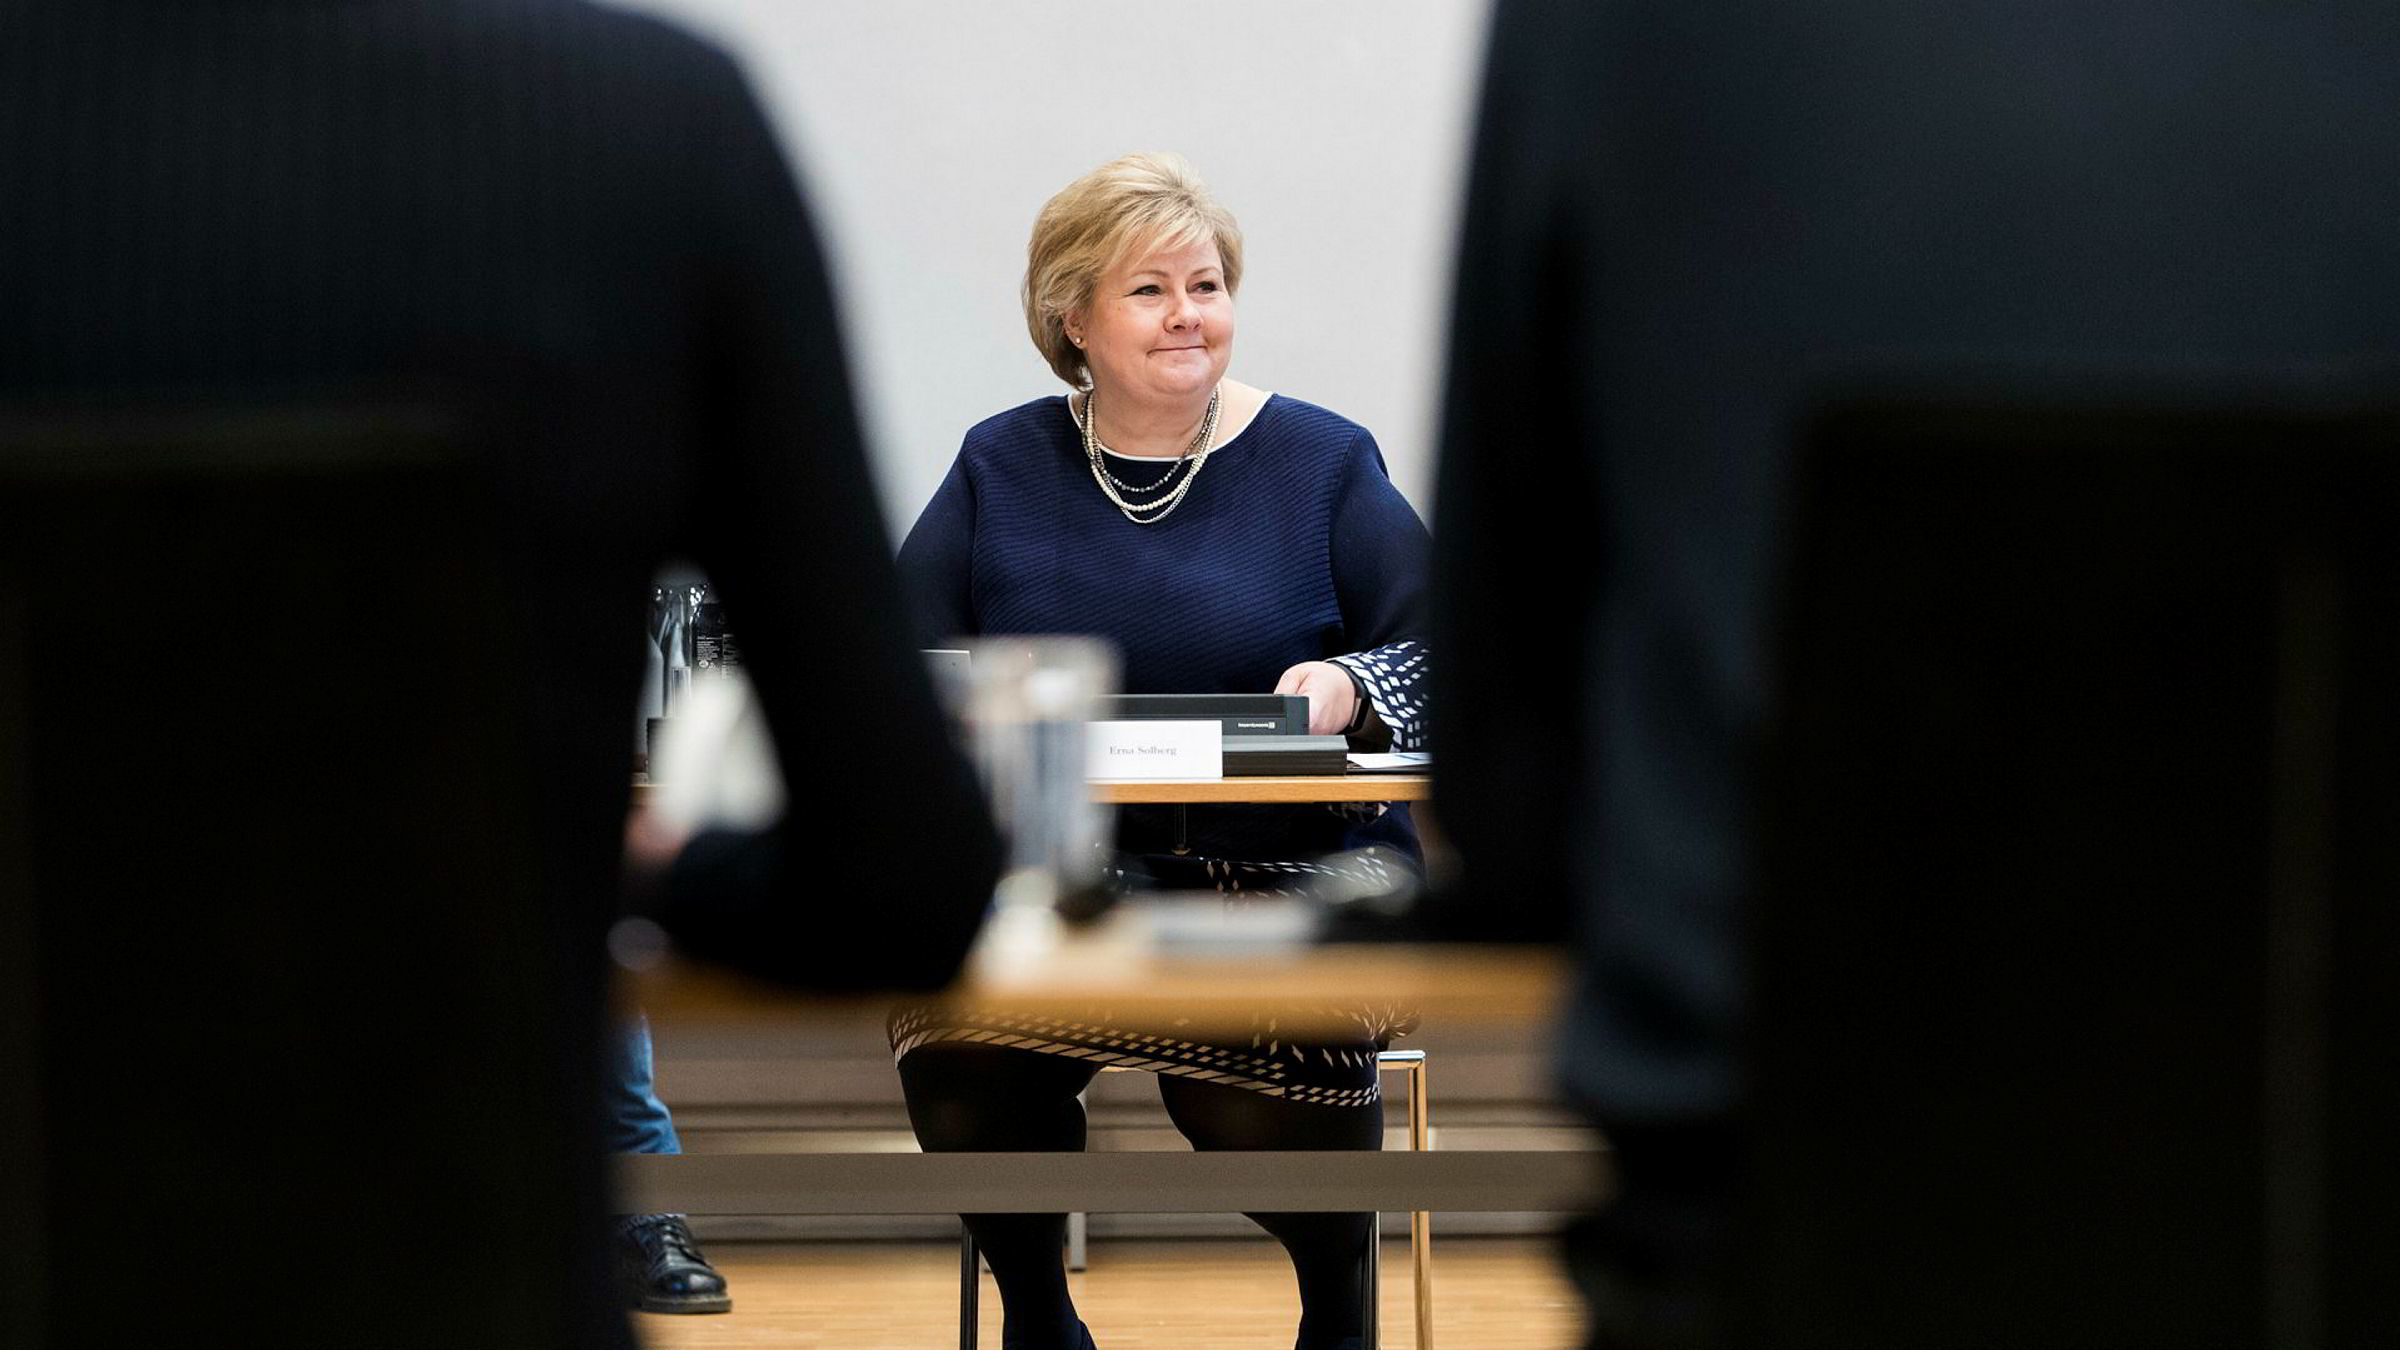 NTB melder at Solberg vil ta opp norsk våpennæring i møter med Frankrikes president Emmanuel Macron tirsdag.